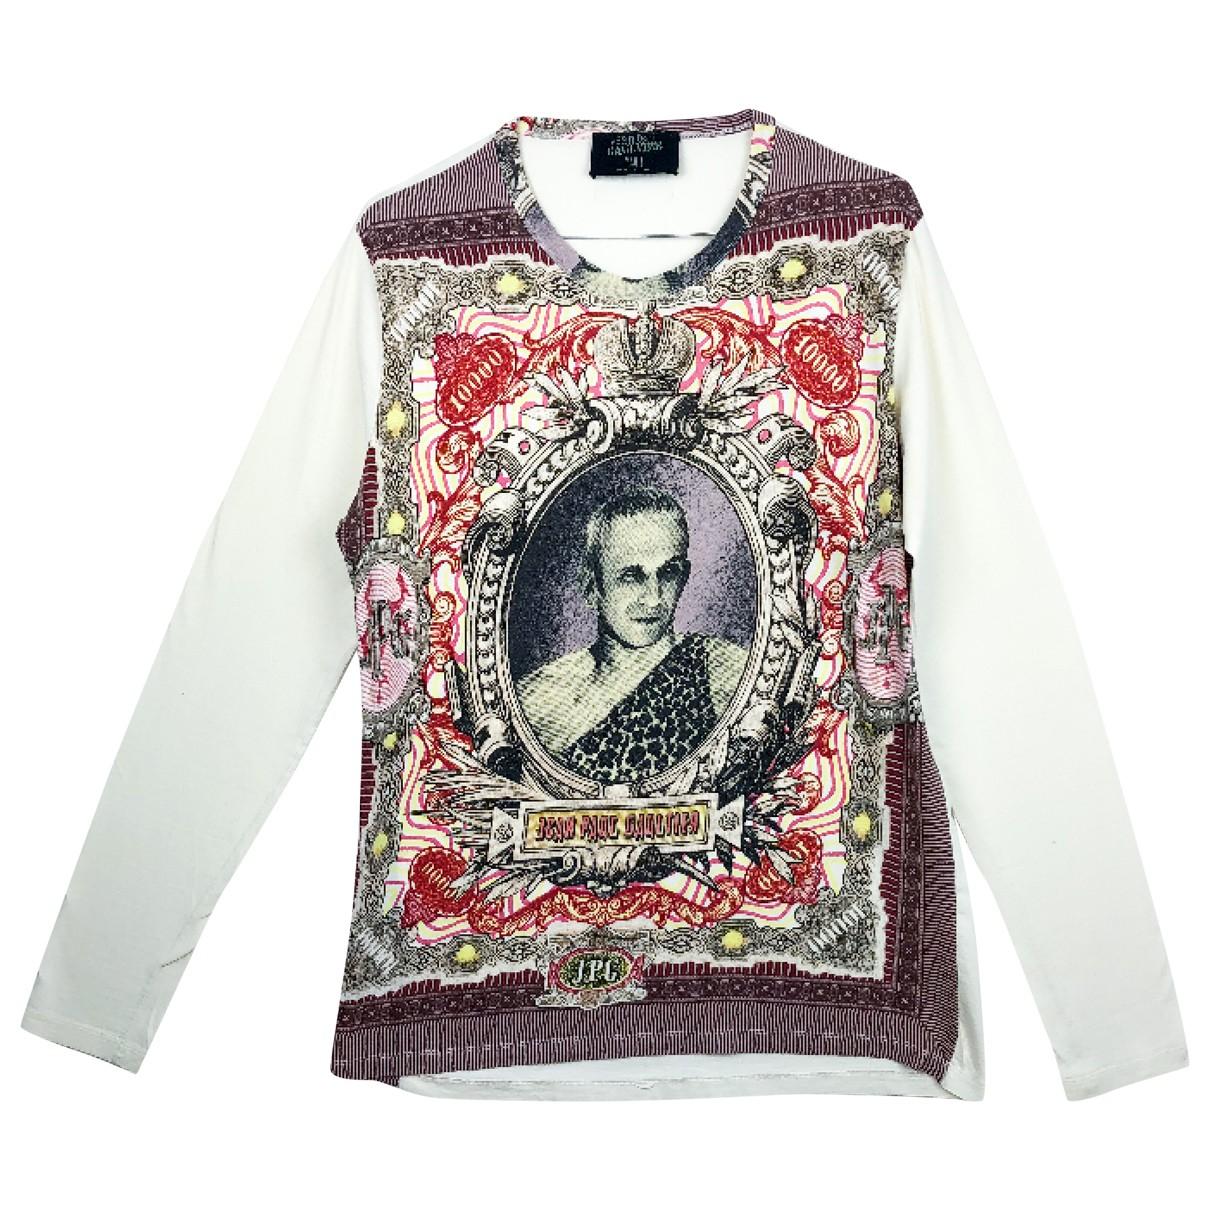 Jean Paul Gaultier - Tee shirts   pour homme en coton - multicolore